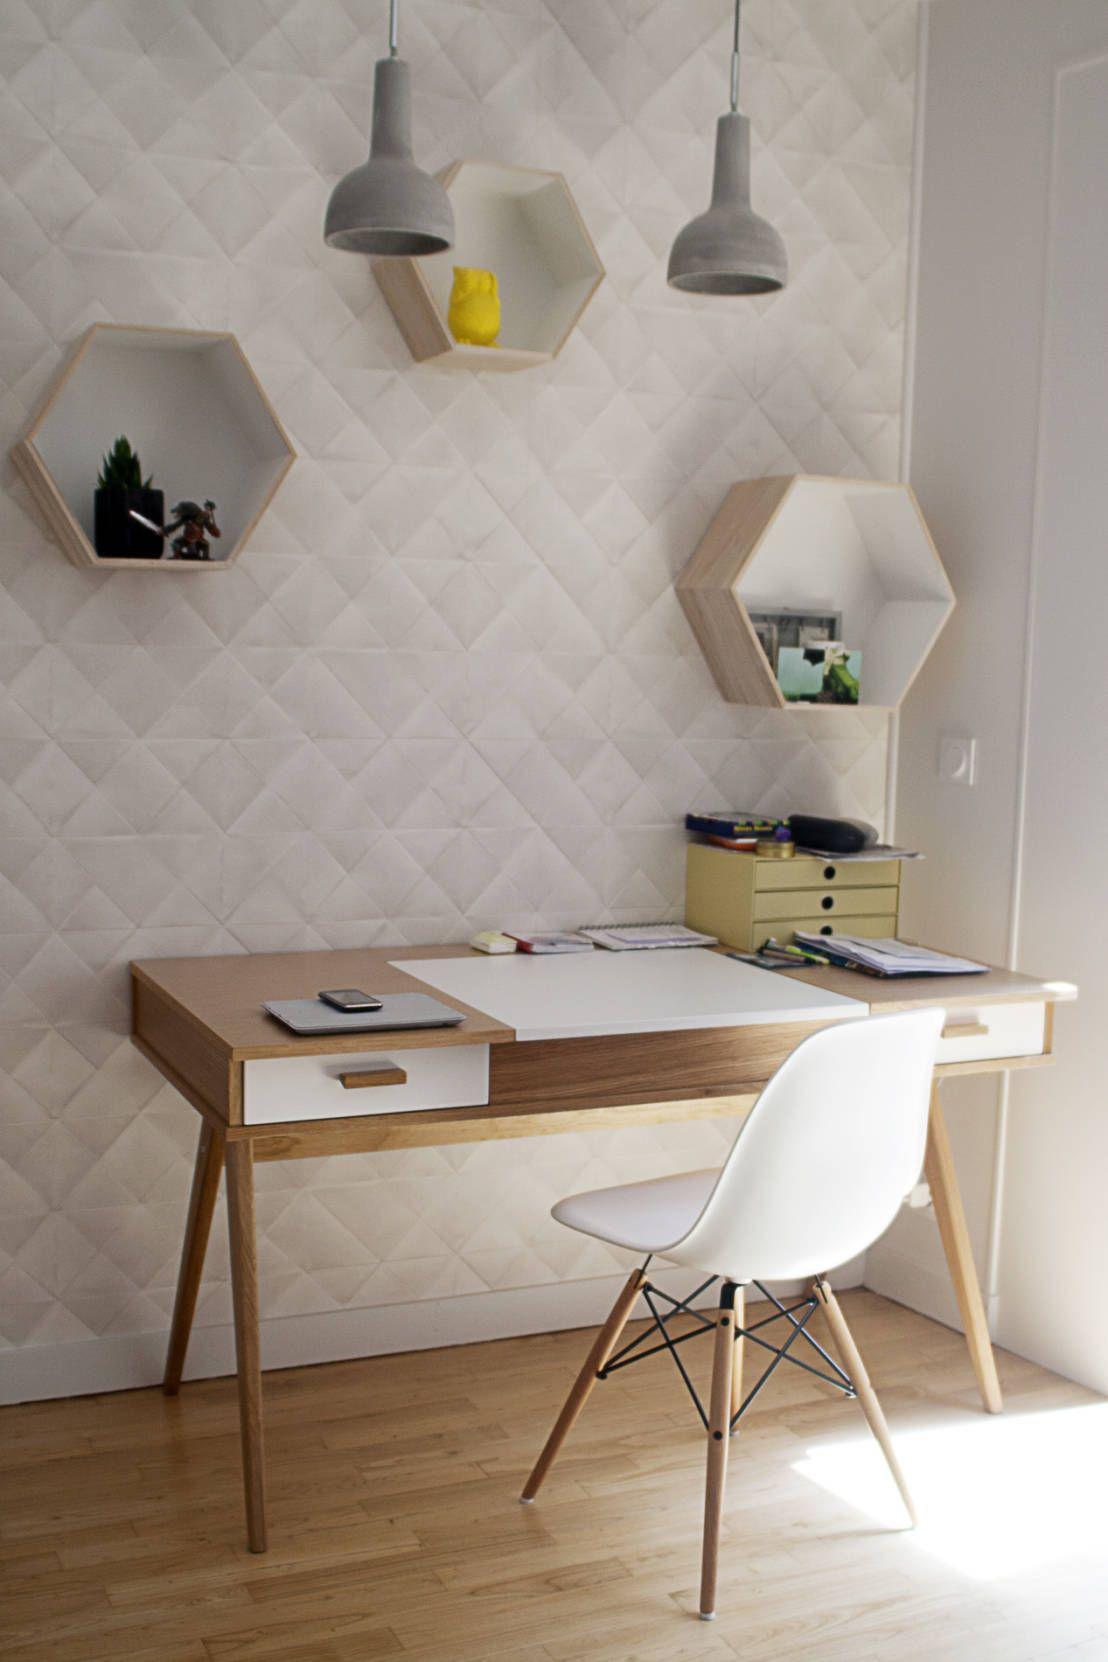 Genial Einrichtungstipps Wohnzimmer Foto Von Skandinavischer Stil – Mehr